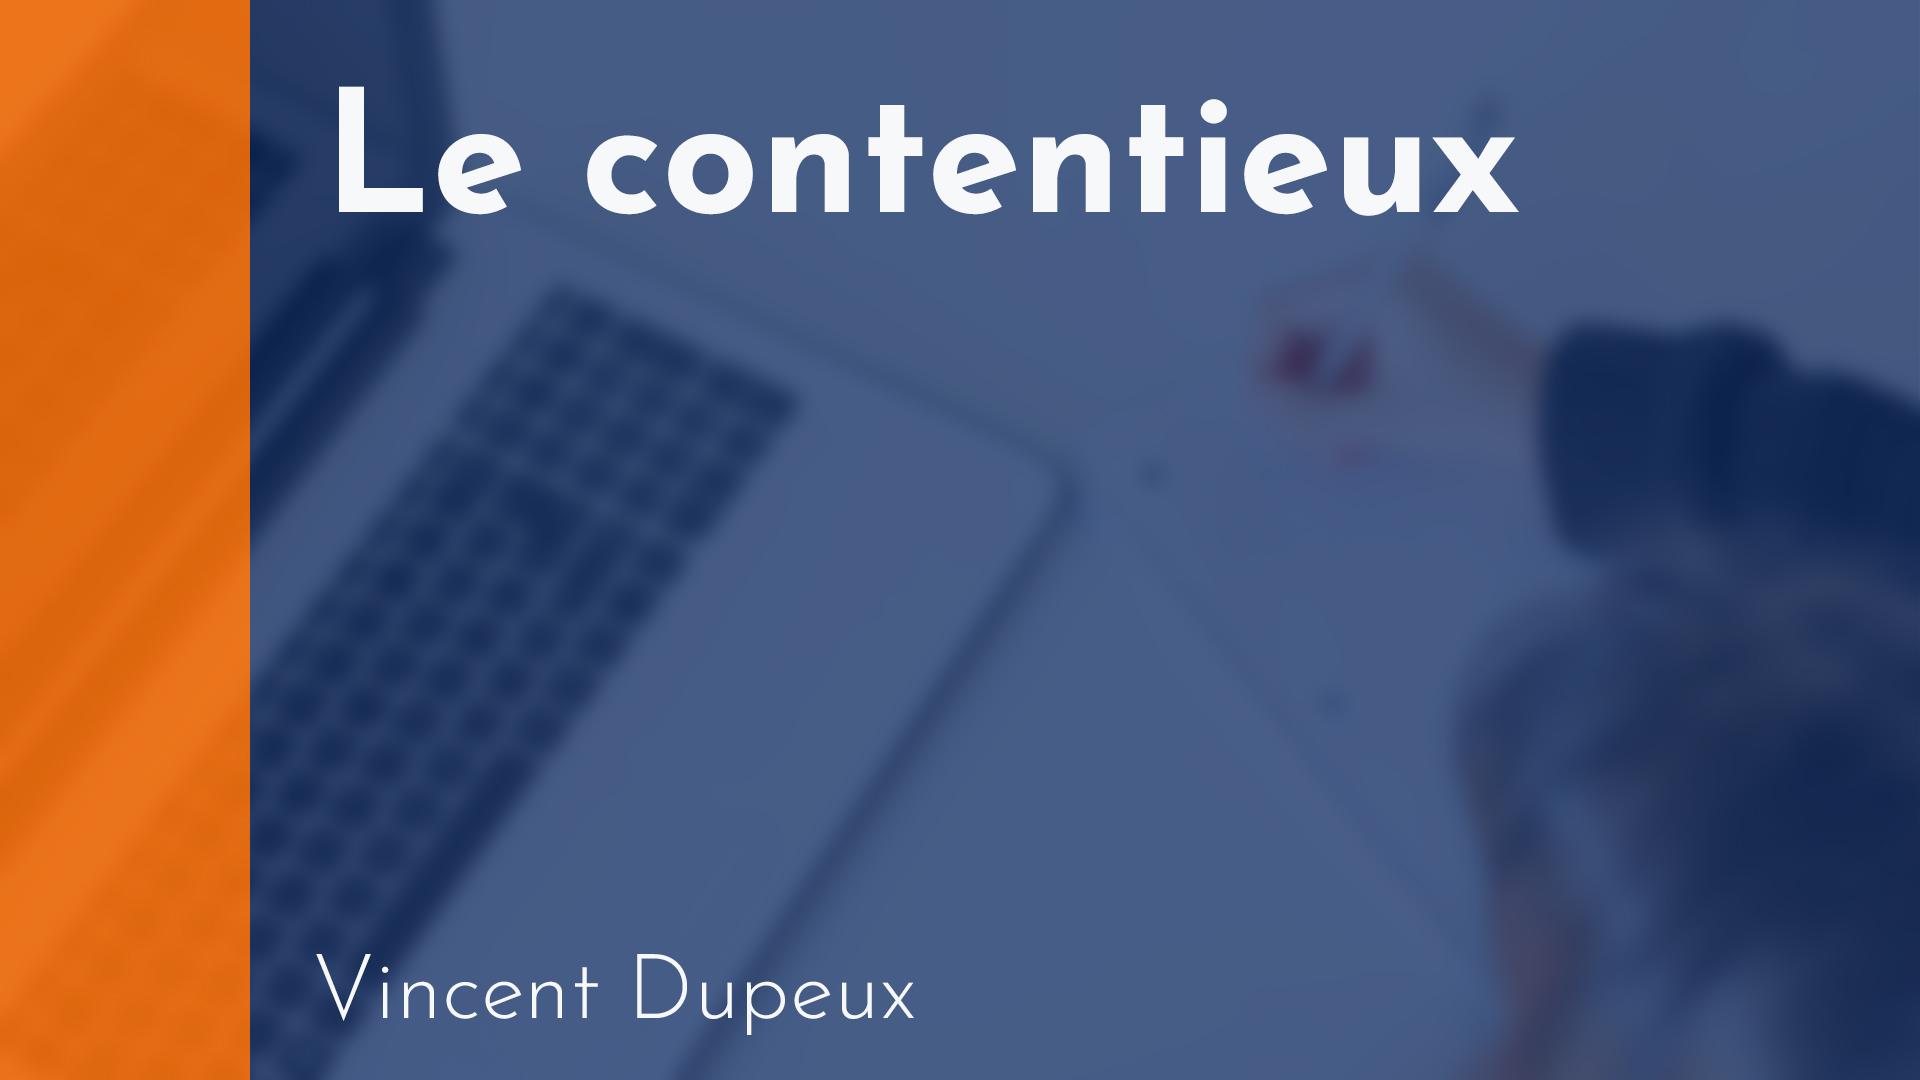 Copropriété - Le Contentieux - Vincent Dupeux